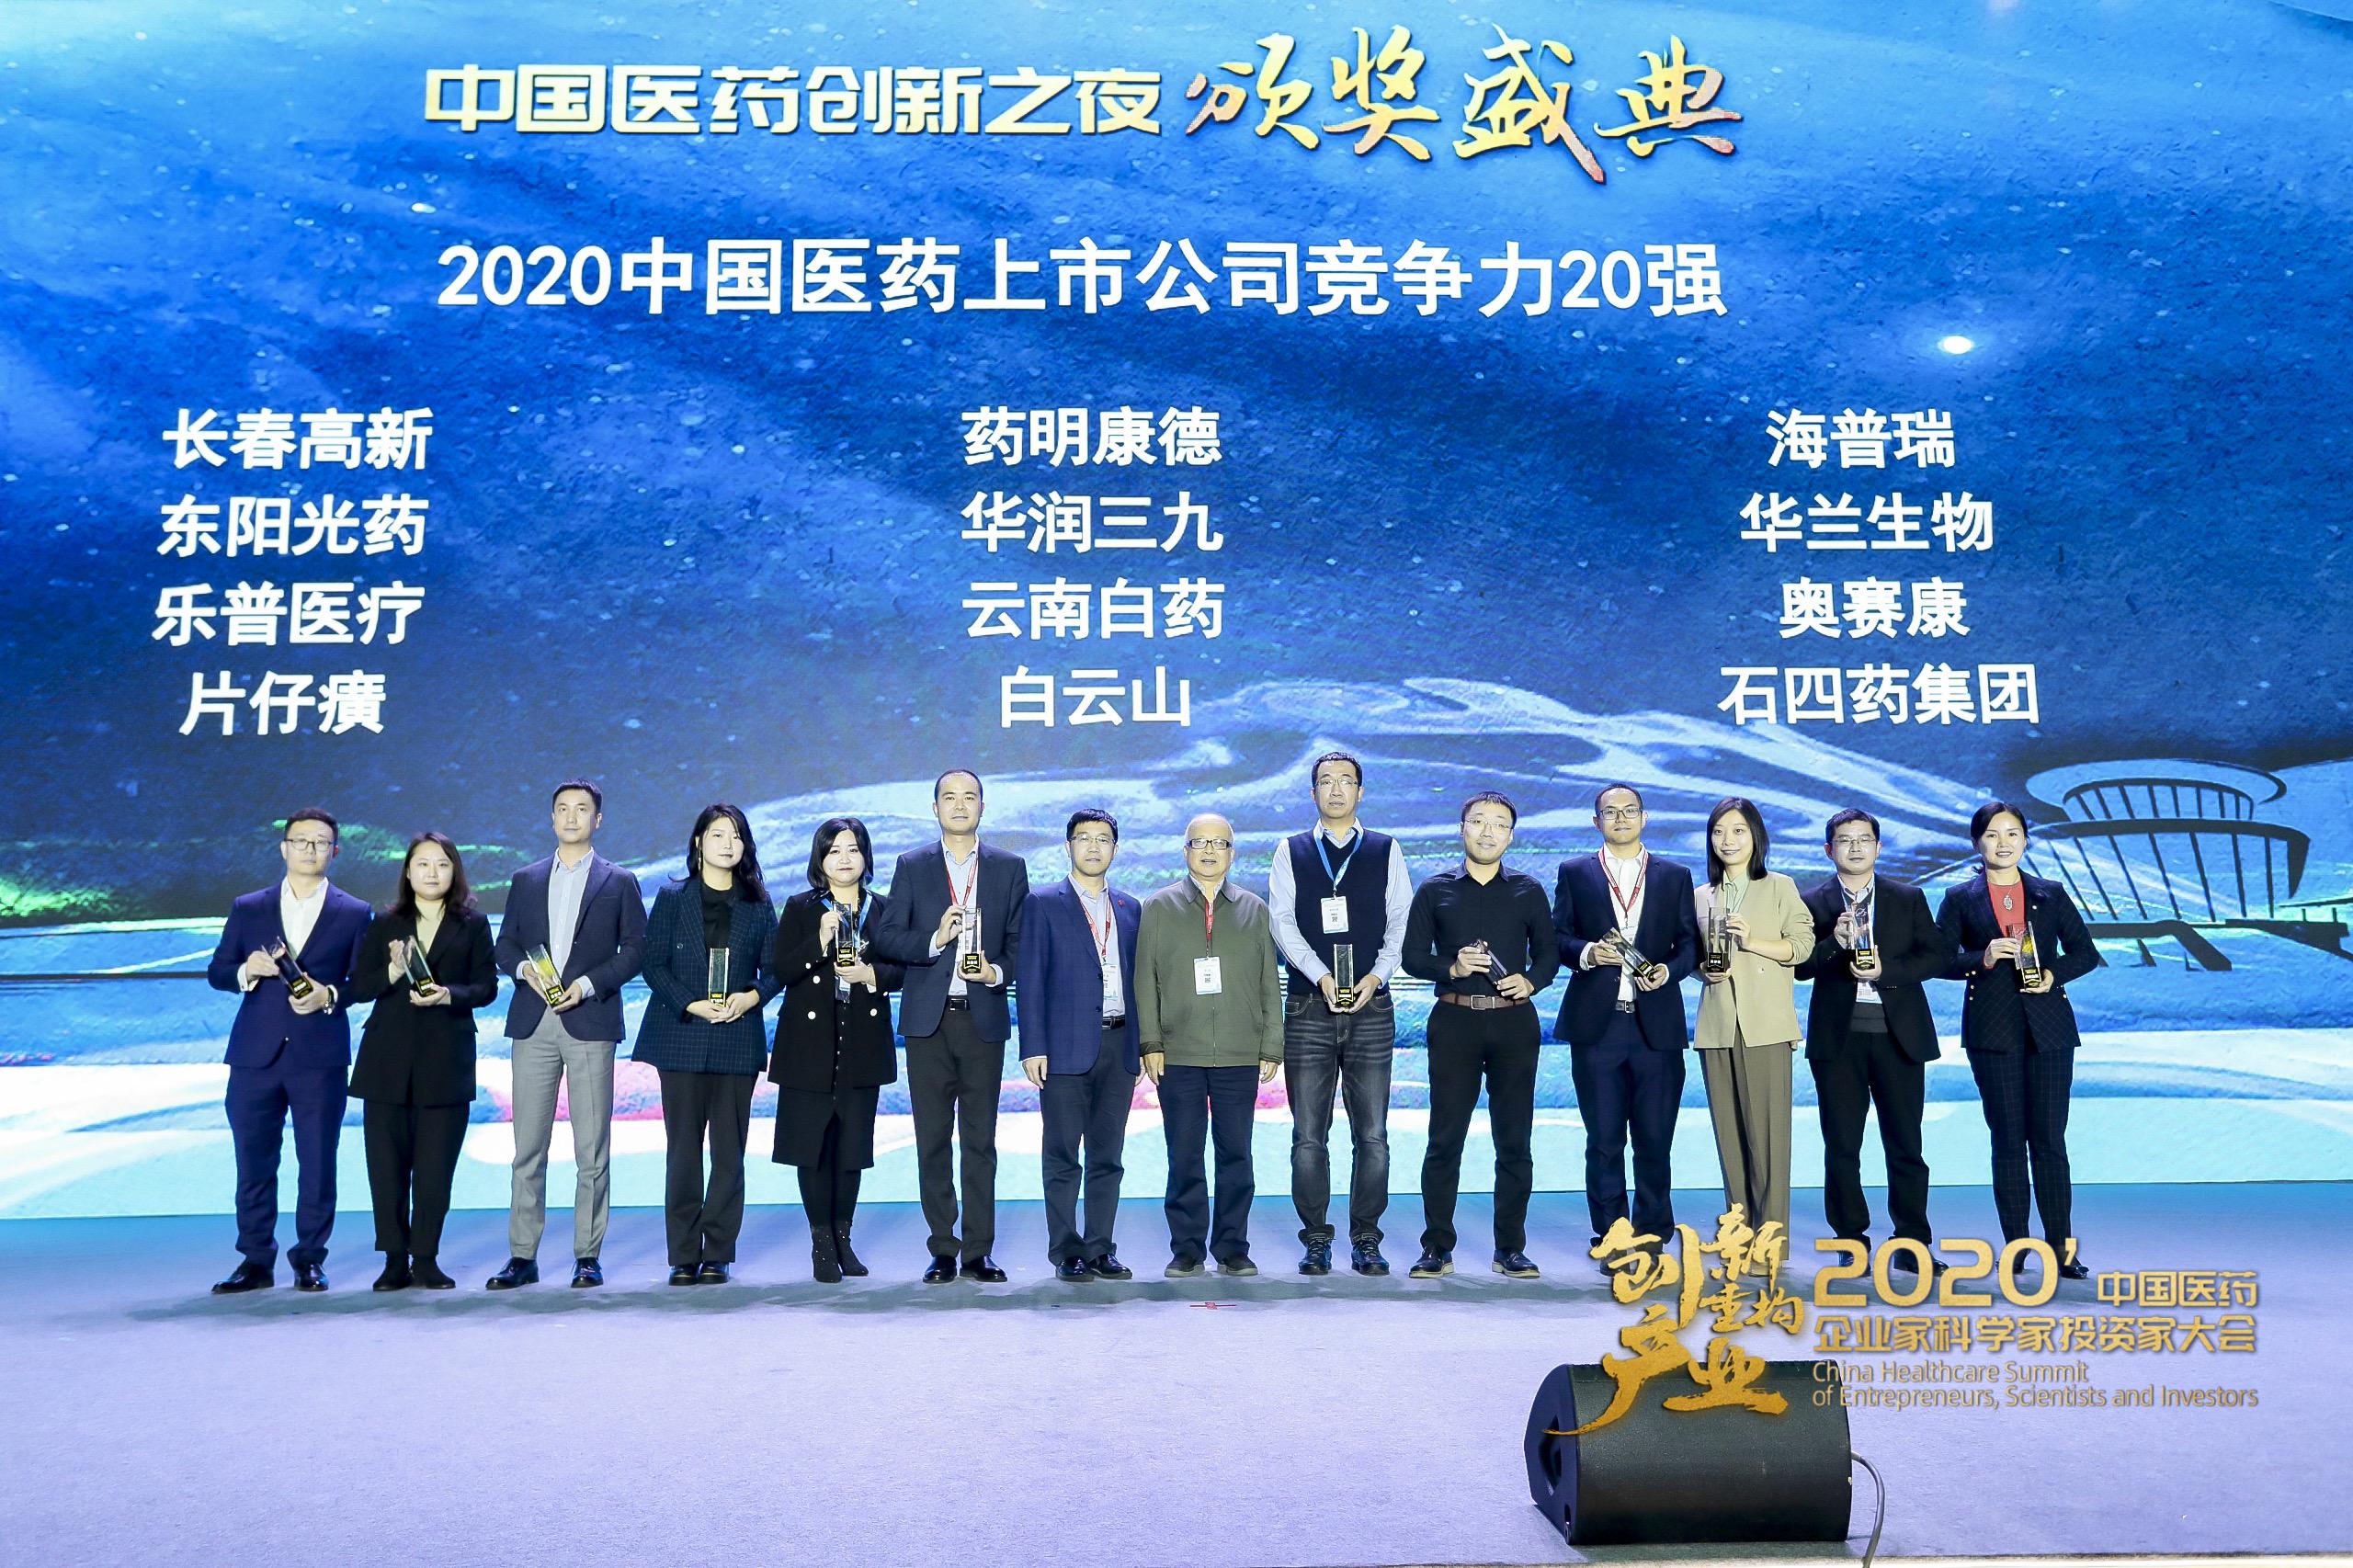 石四藥集團榮獲中國醫藥上市公司競爭力20強稱號